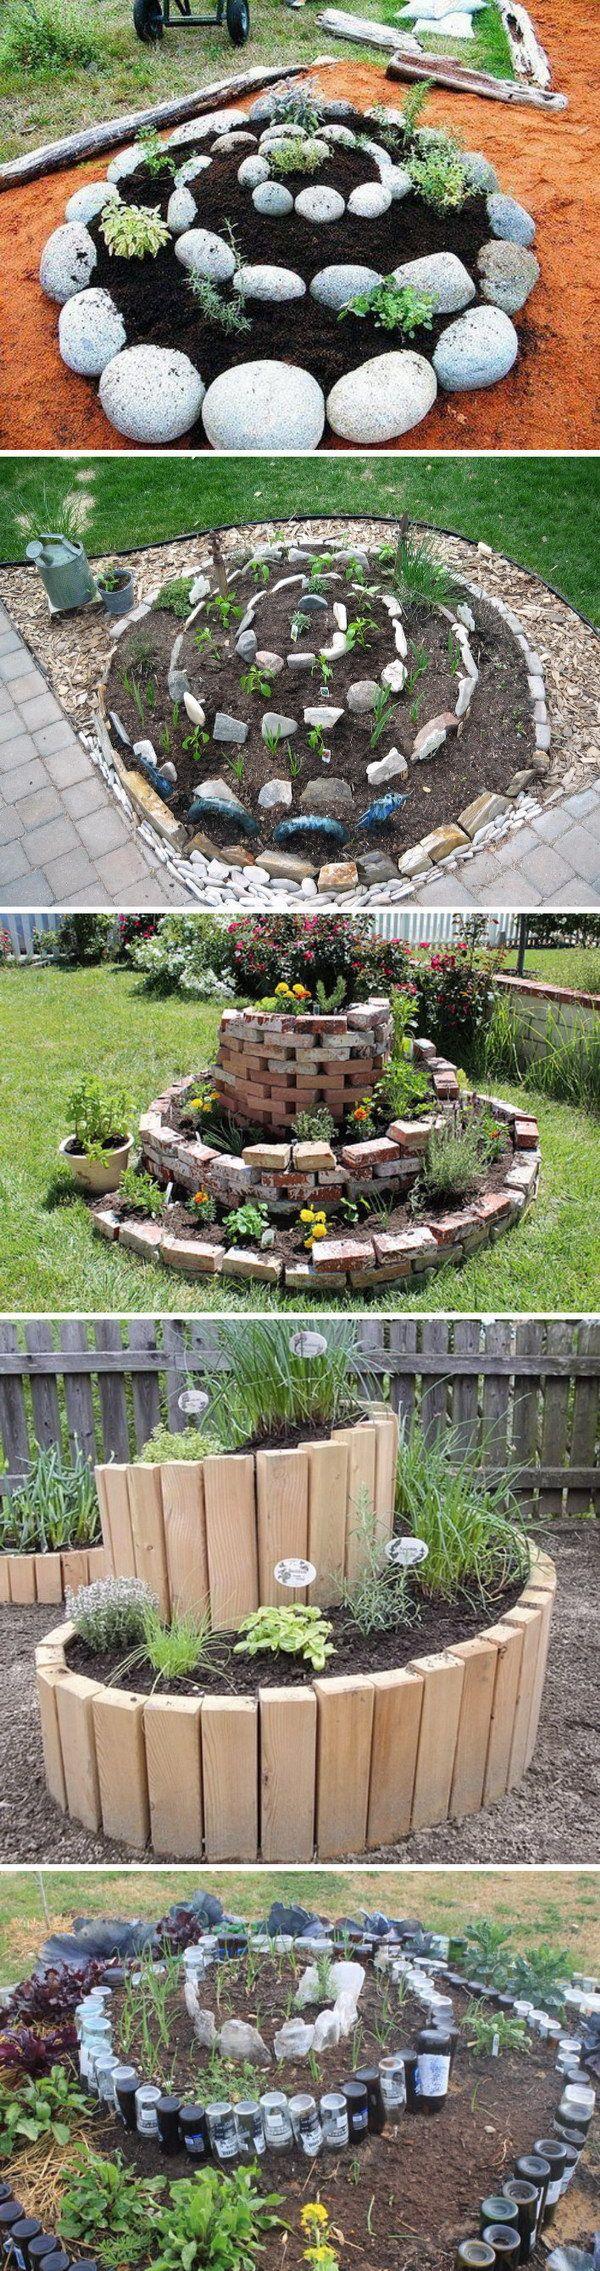 diy ideas for building a raised garden bed garden